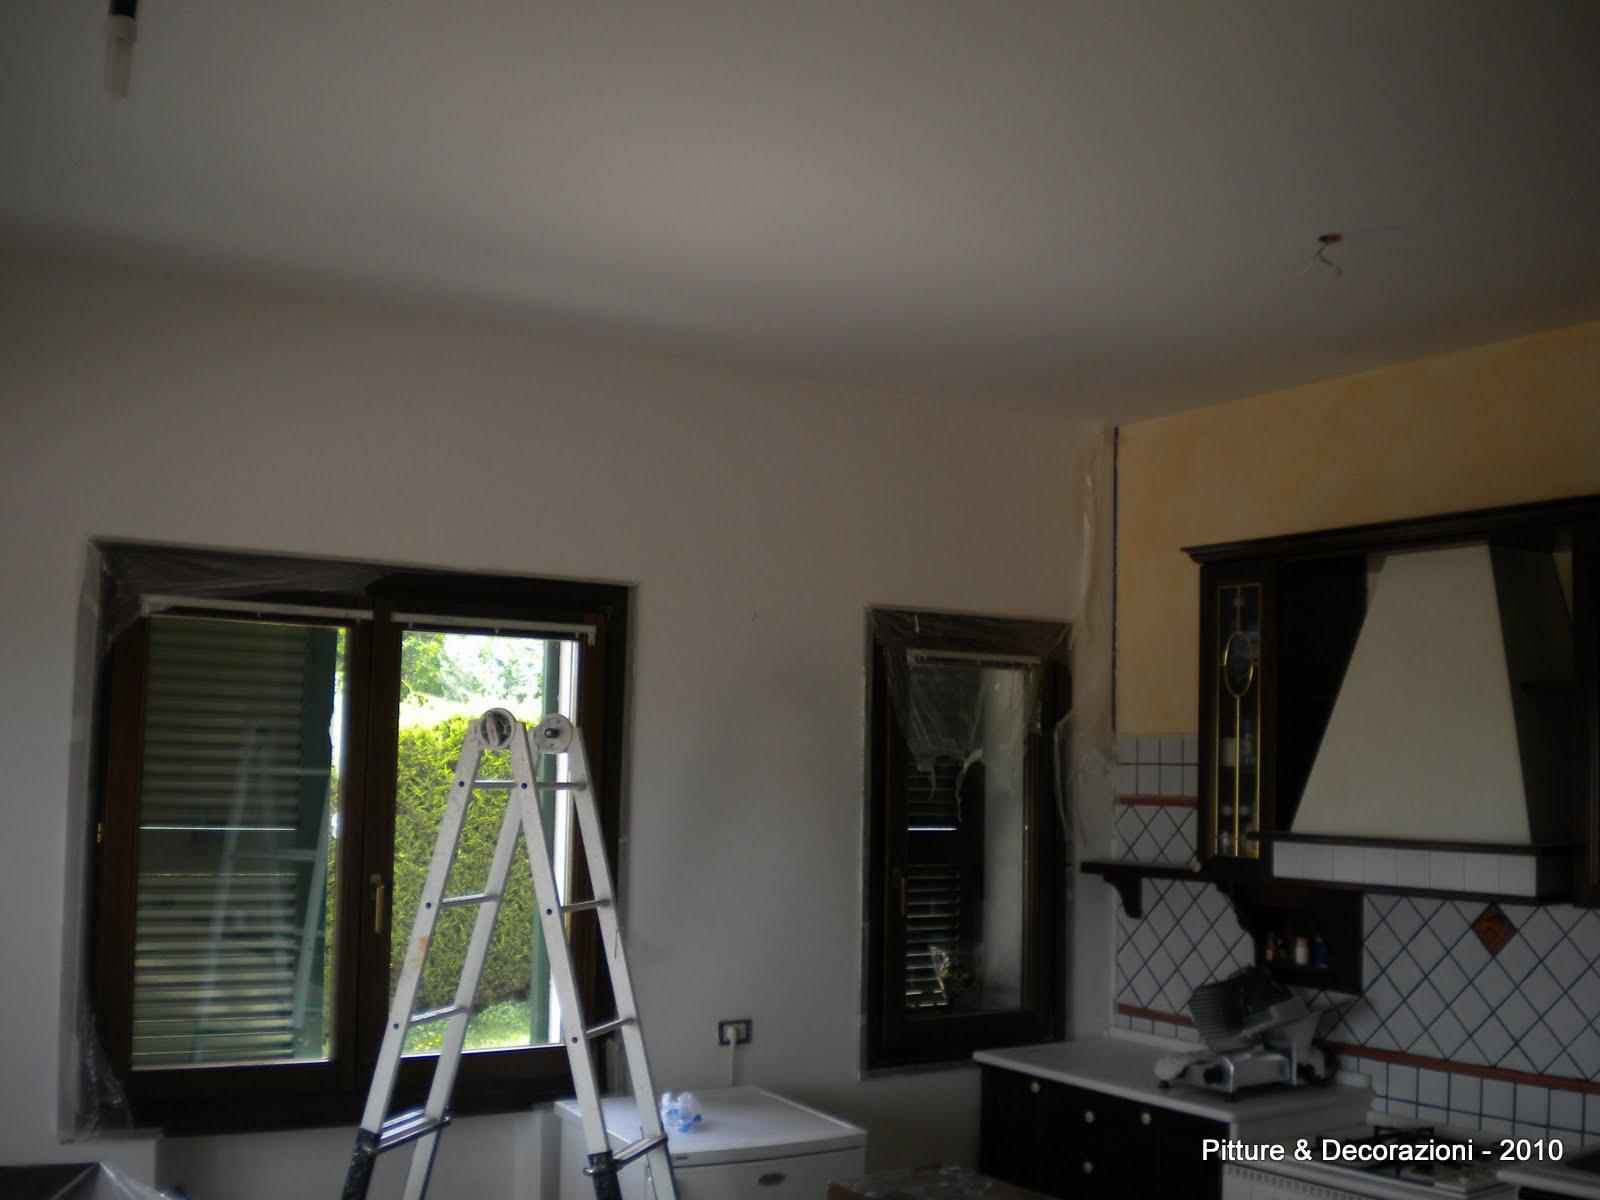 Pitture decorazioni in realizzazione la casa dei sogni for Casa dei sogni